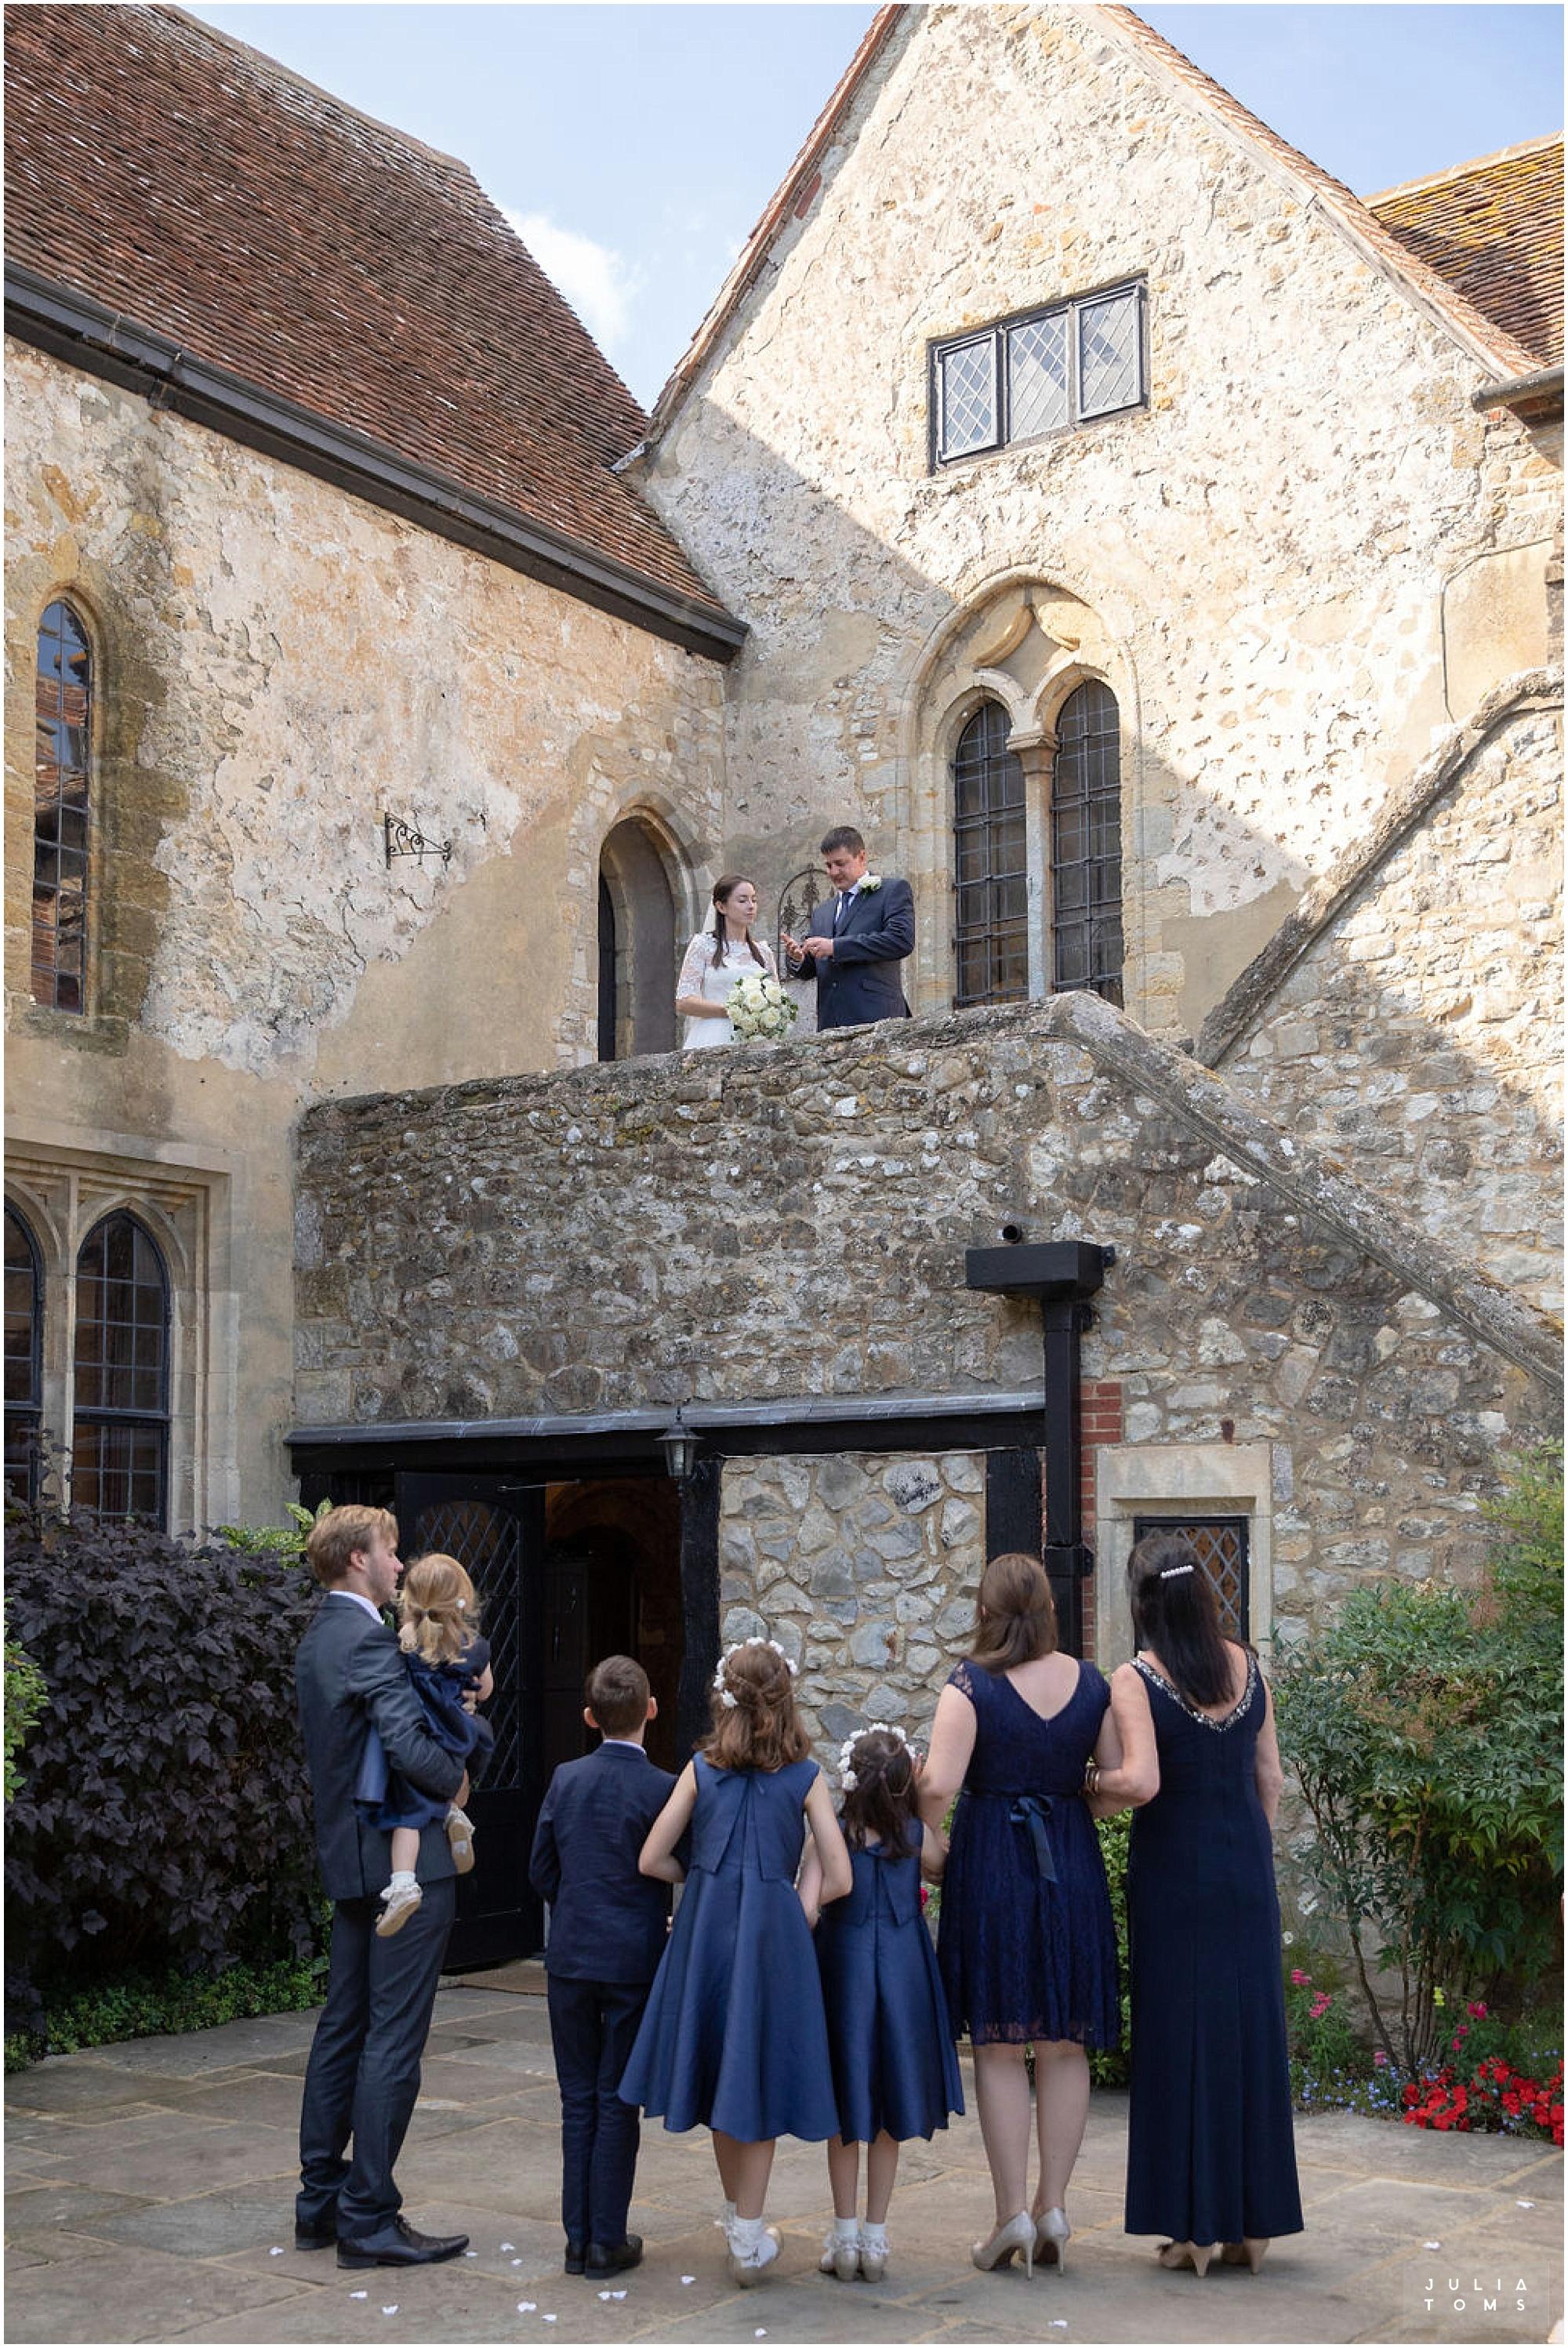 amberley_castle_wedding_photographer_048.jpg